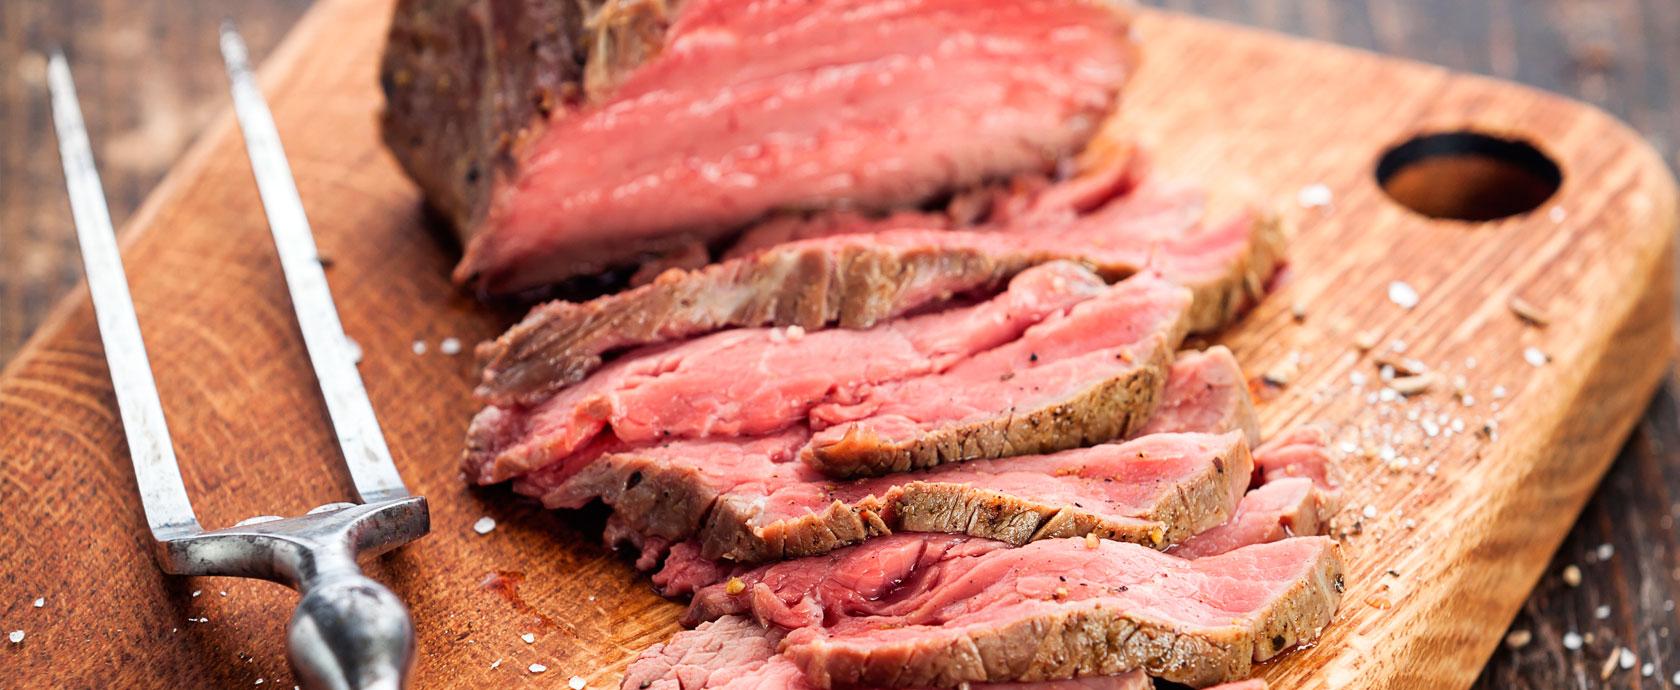 zucchero-tumore-carne-rossa